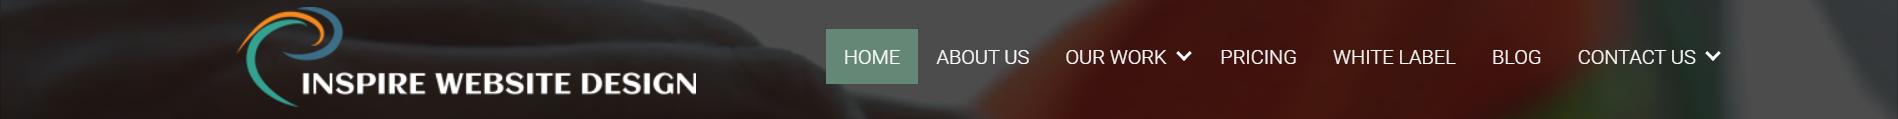 Good website navigation